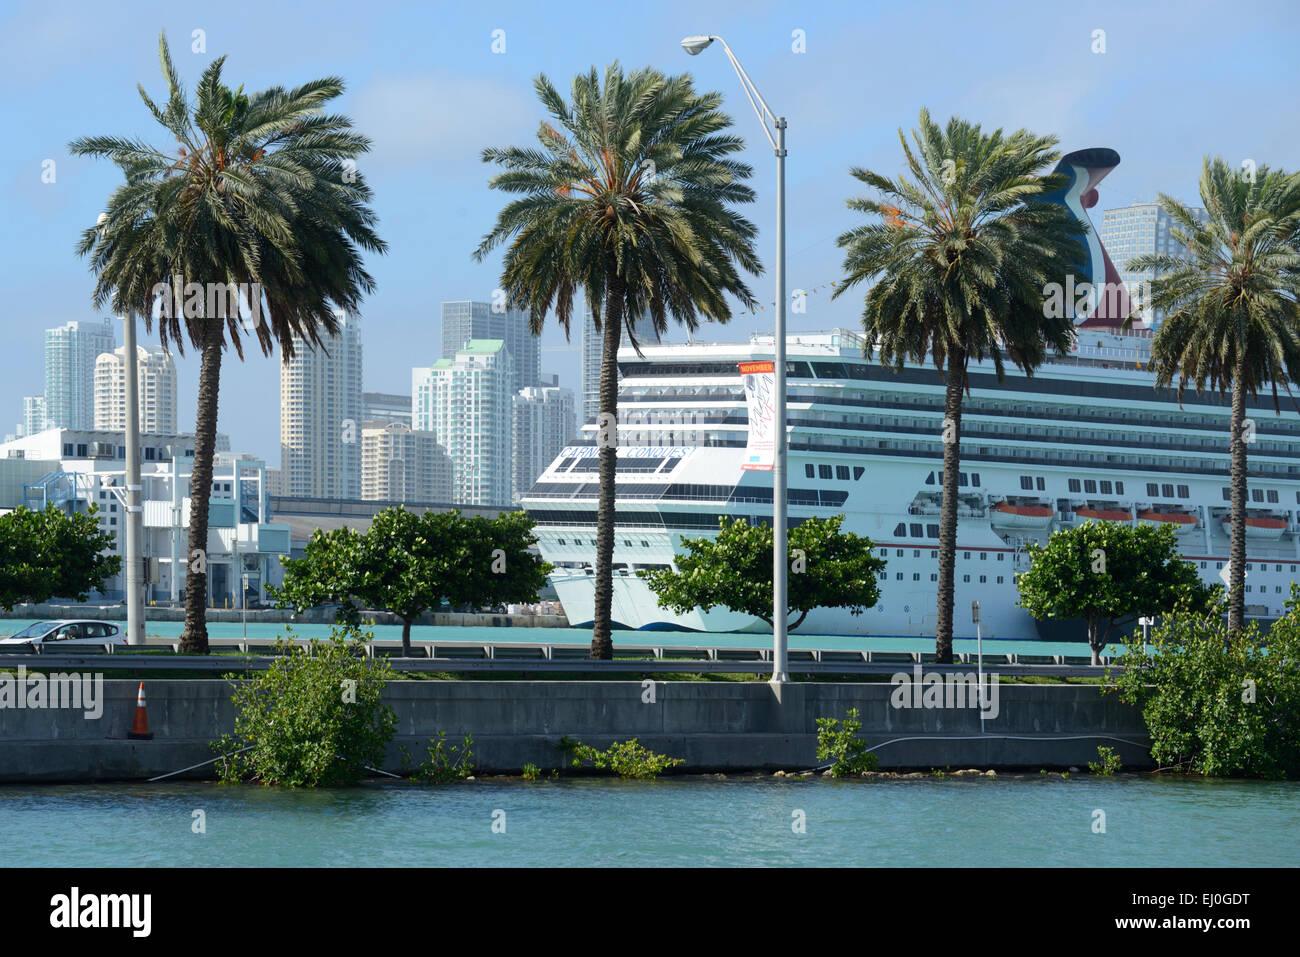 USA, Florida, Dade County, Miami Beach, cruise ship, palm, - Stock Image